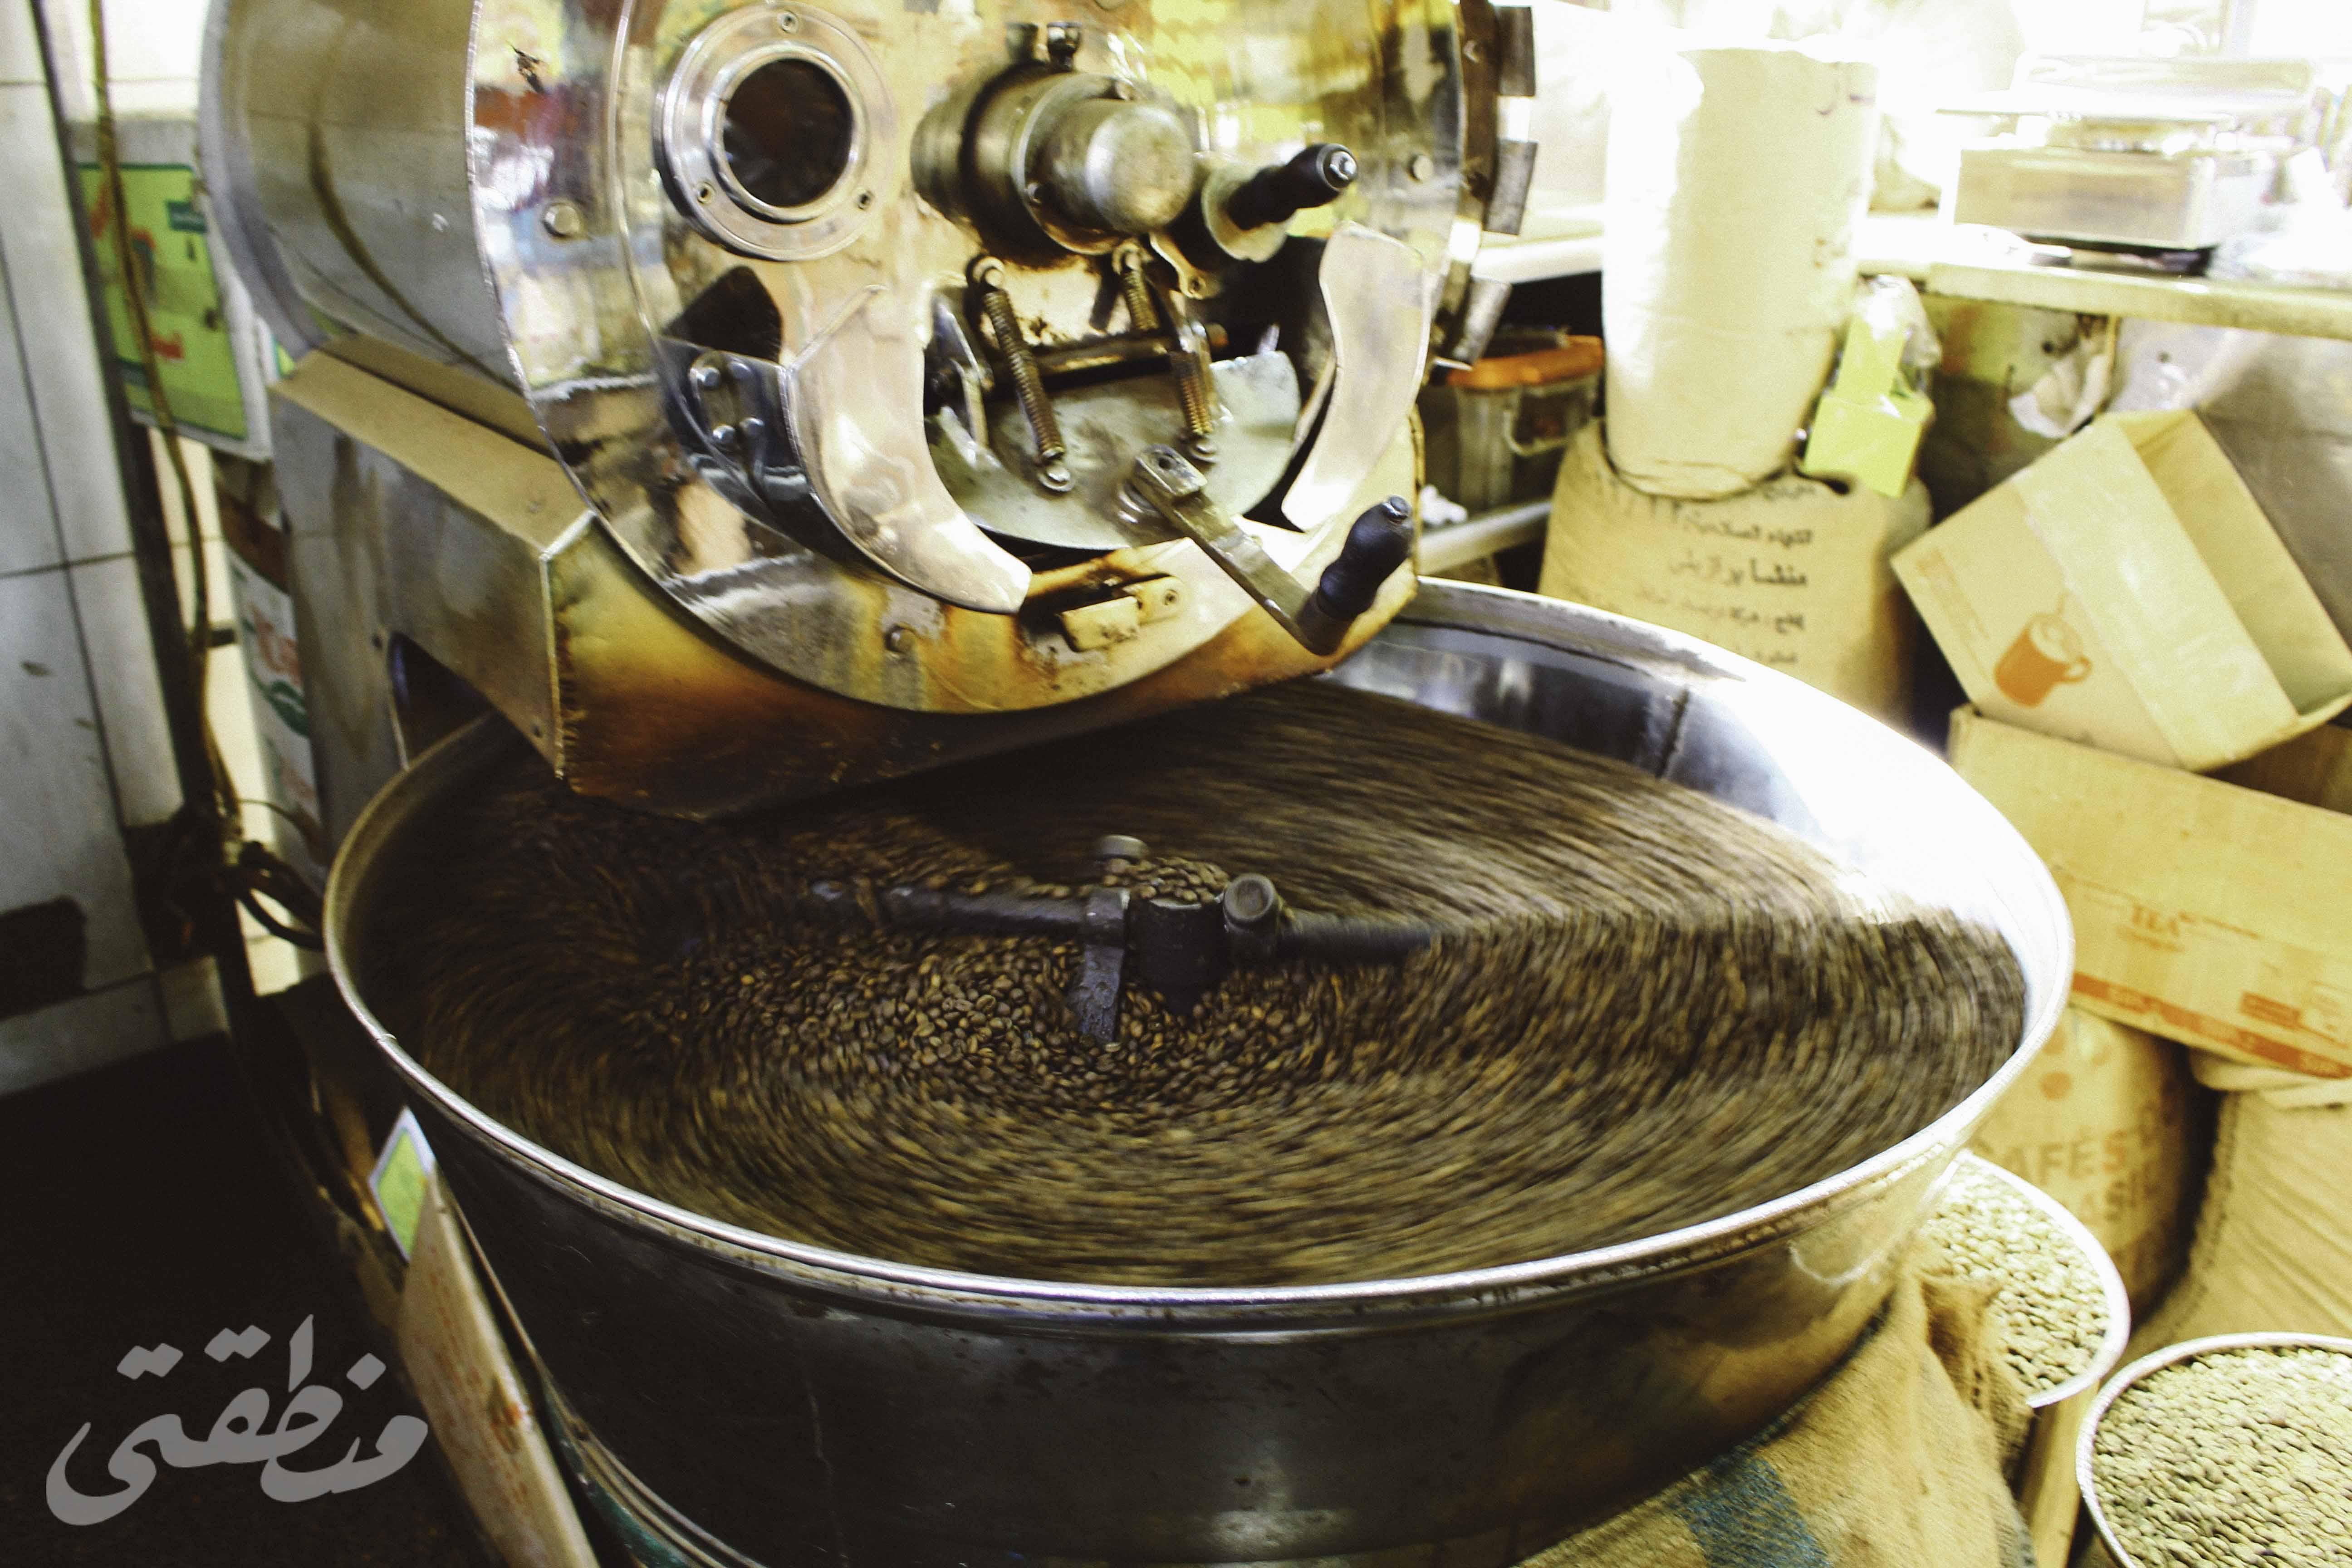 حبوب القهوة أثناء تجهيزها - تصوير - صديق البخشونجي